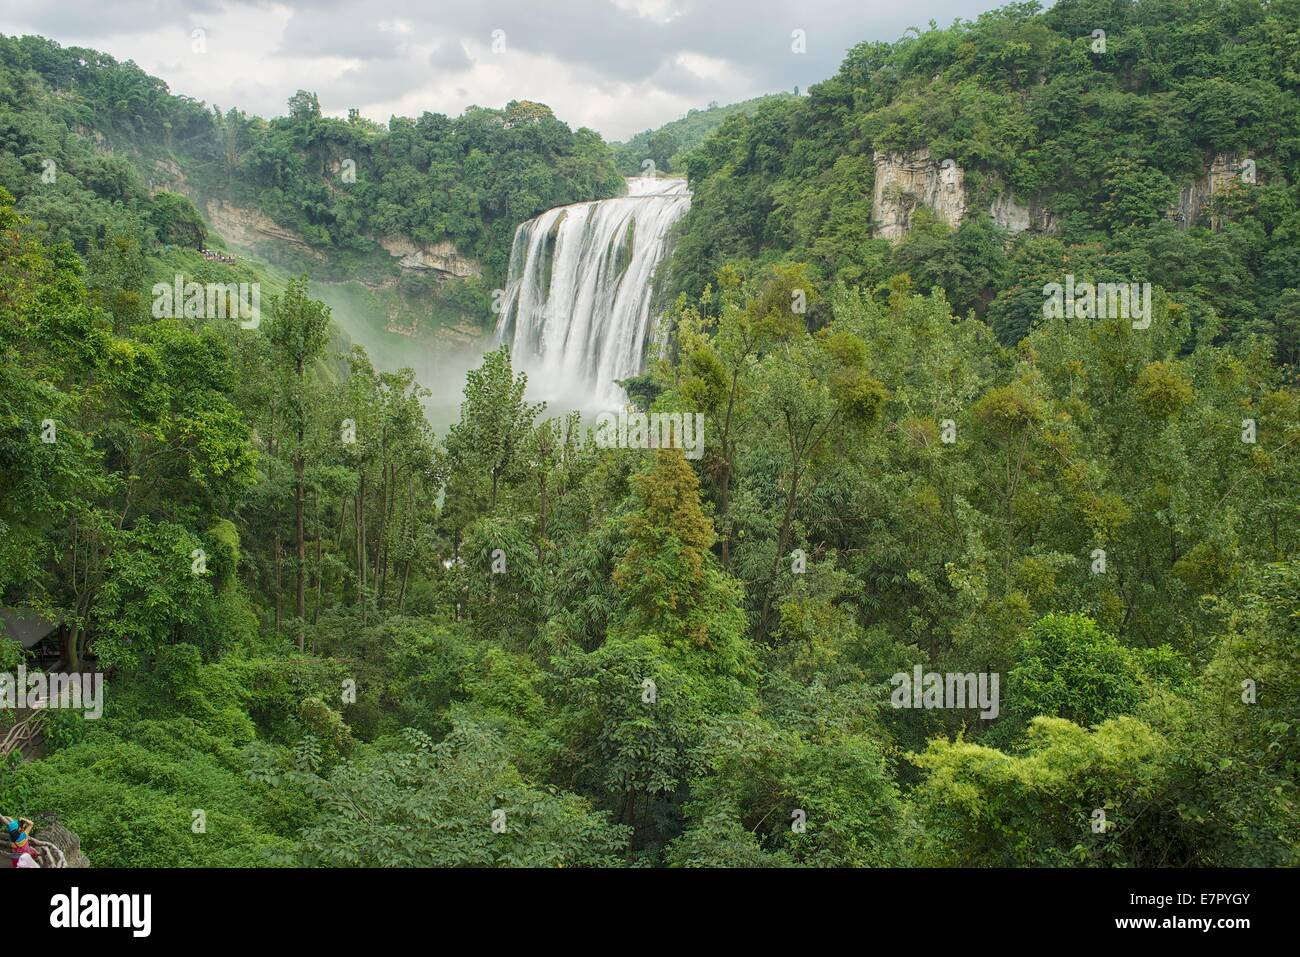 Huangguoshu Waterfall Baishui River Anshun City Guizhou Province China - Stock Image